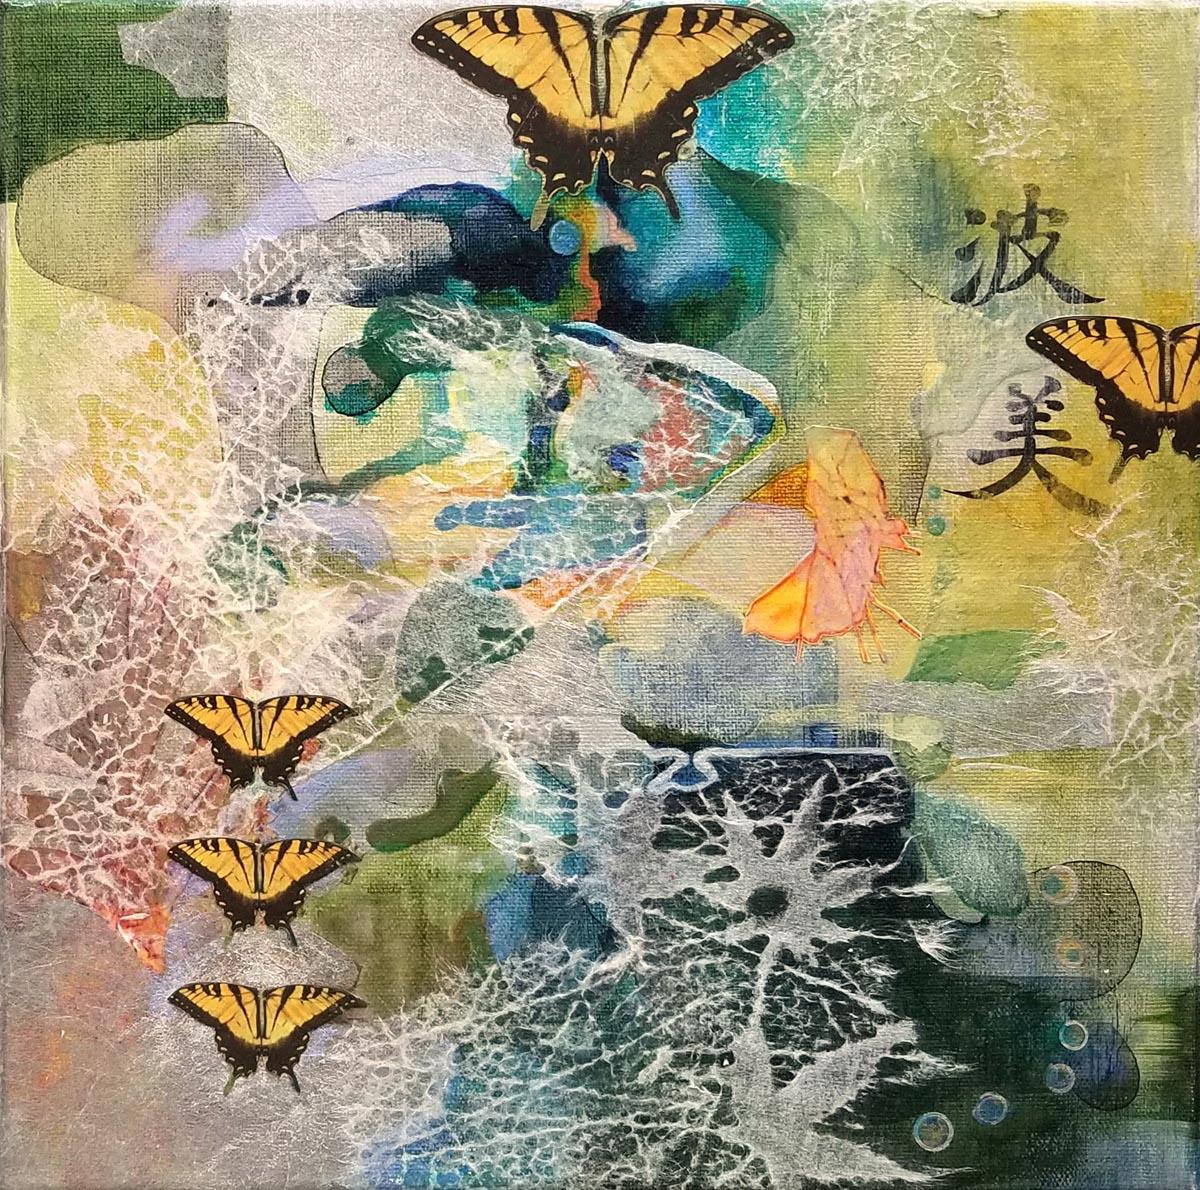 Swallowtails in Formation | Bobbi Kilty | Fine Art